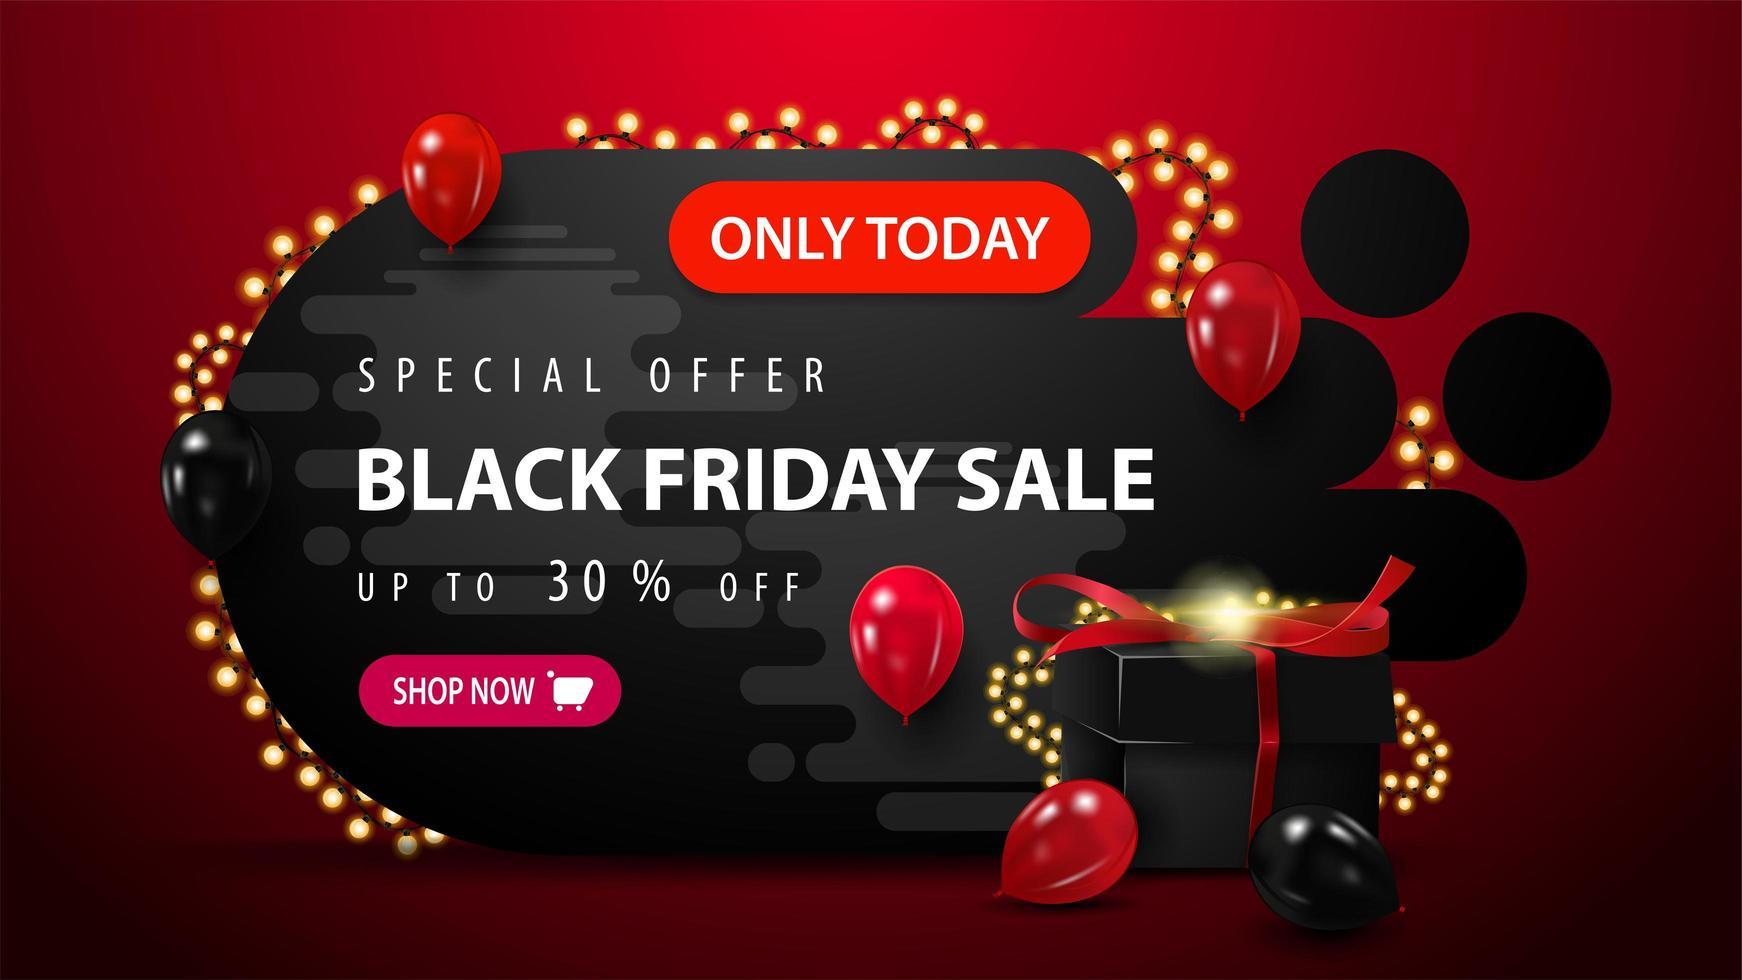 Black Friday-uitverkoop, tot 30 korting op banner vector